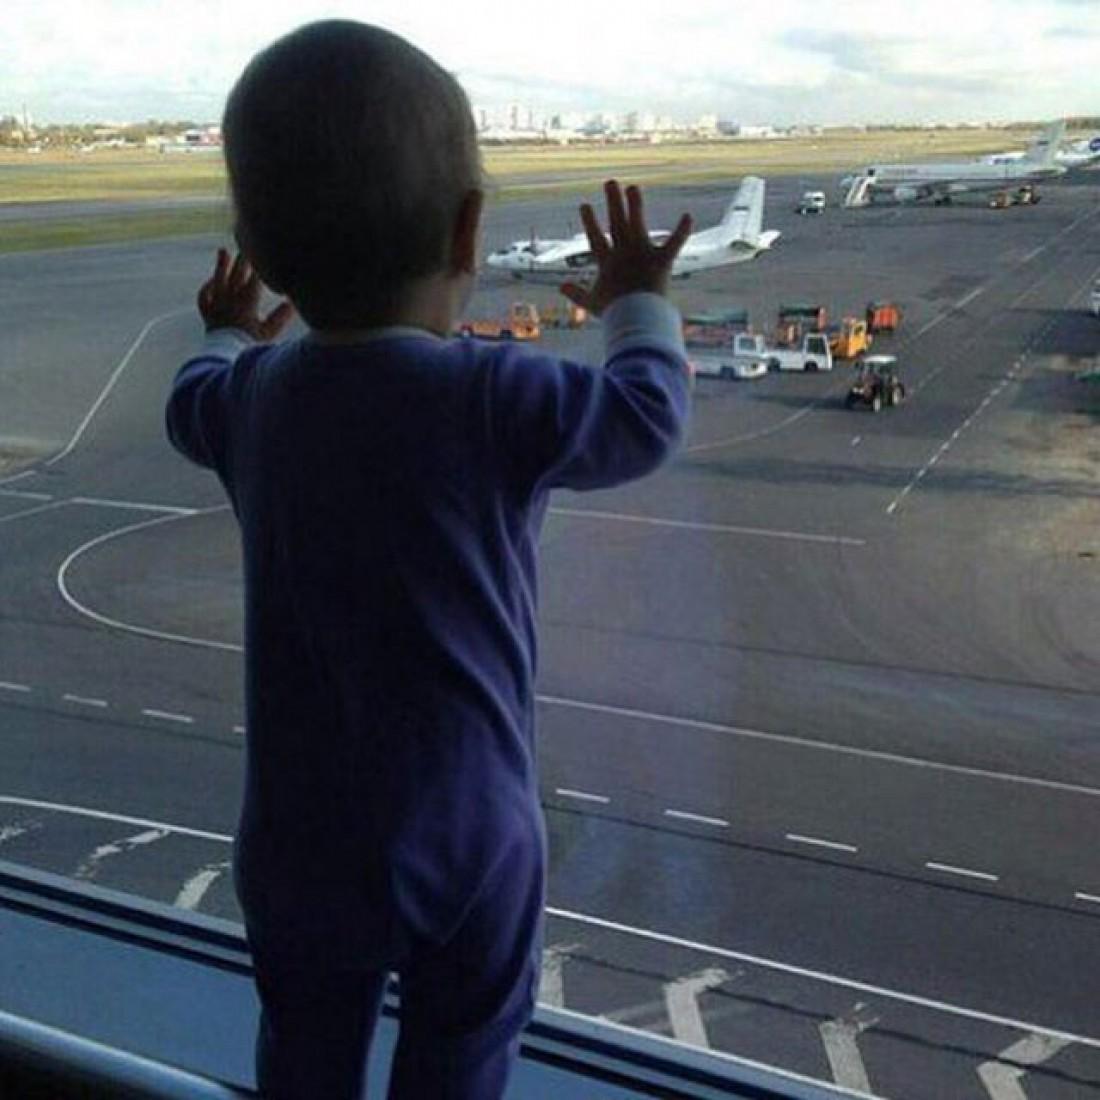 Самый маленький пассажир рейса 9268 – 10-месячная Дарина. Под данным снимком артисты рамещают свои посты.